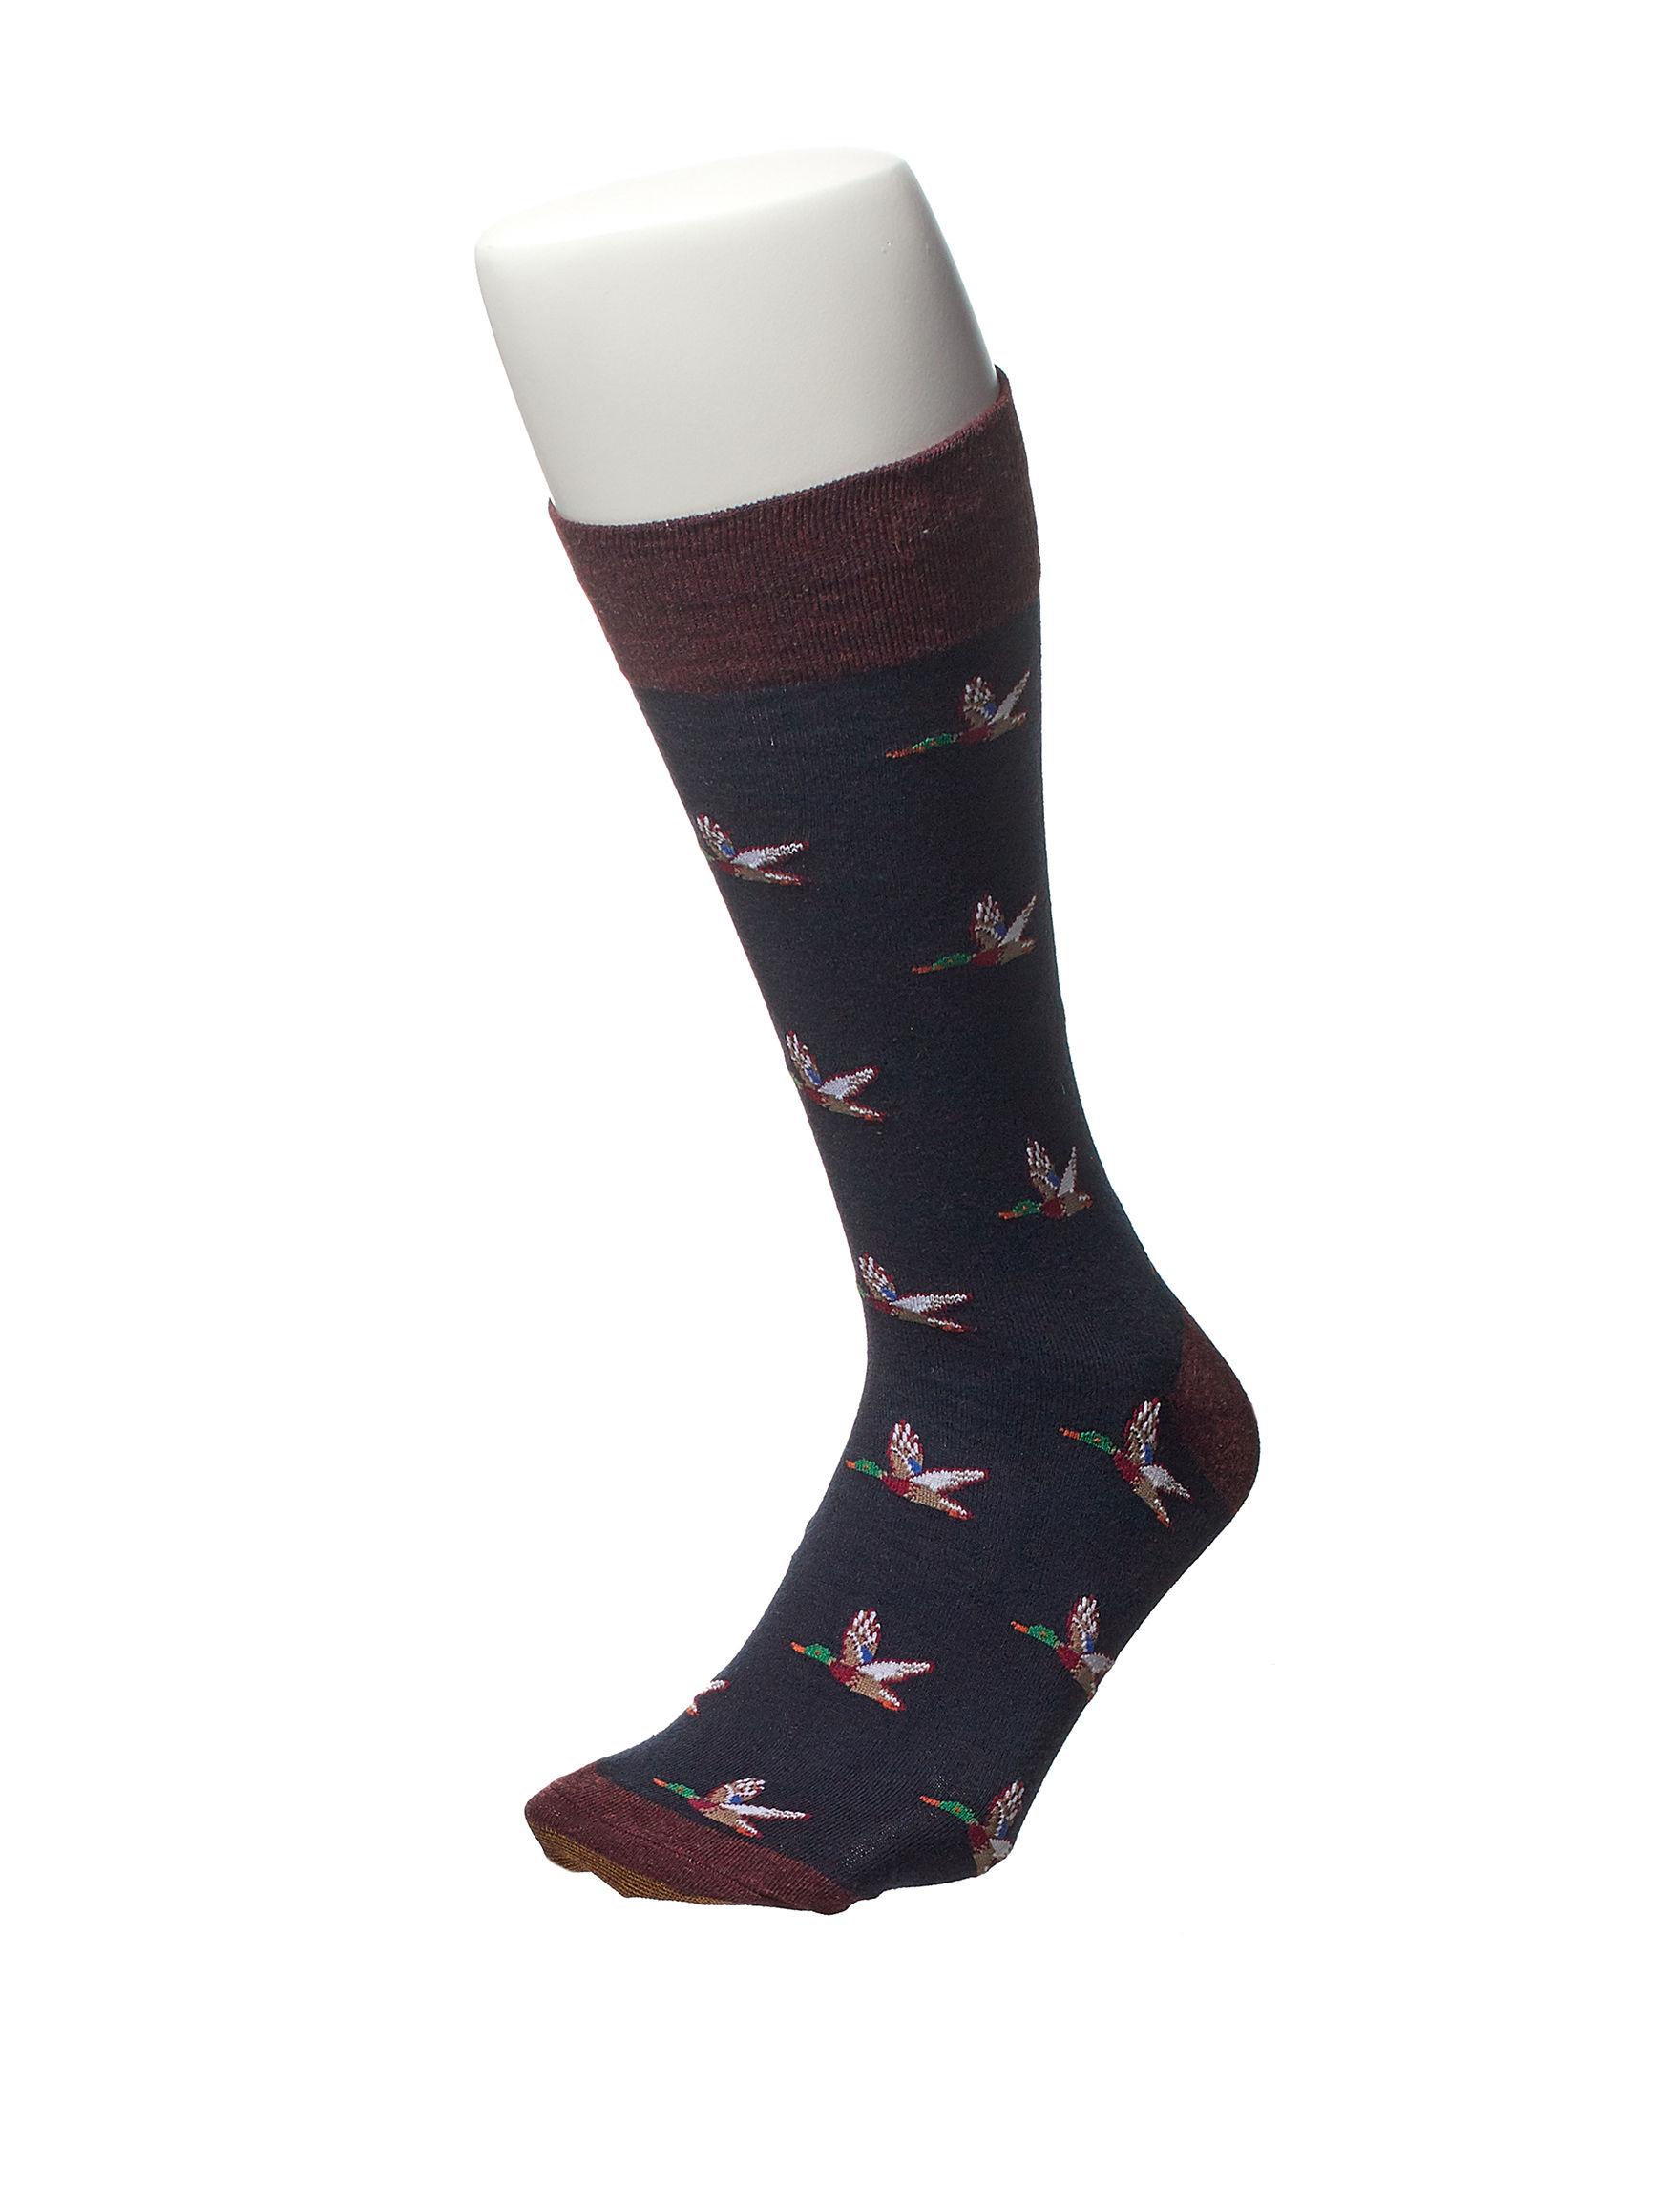 Gold Toe Midnight Blue Socks